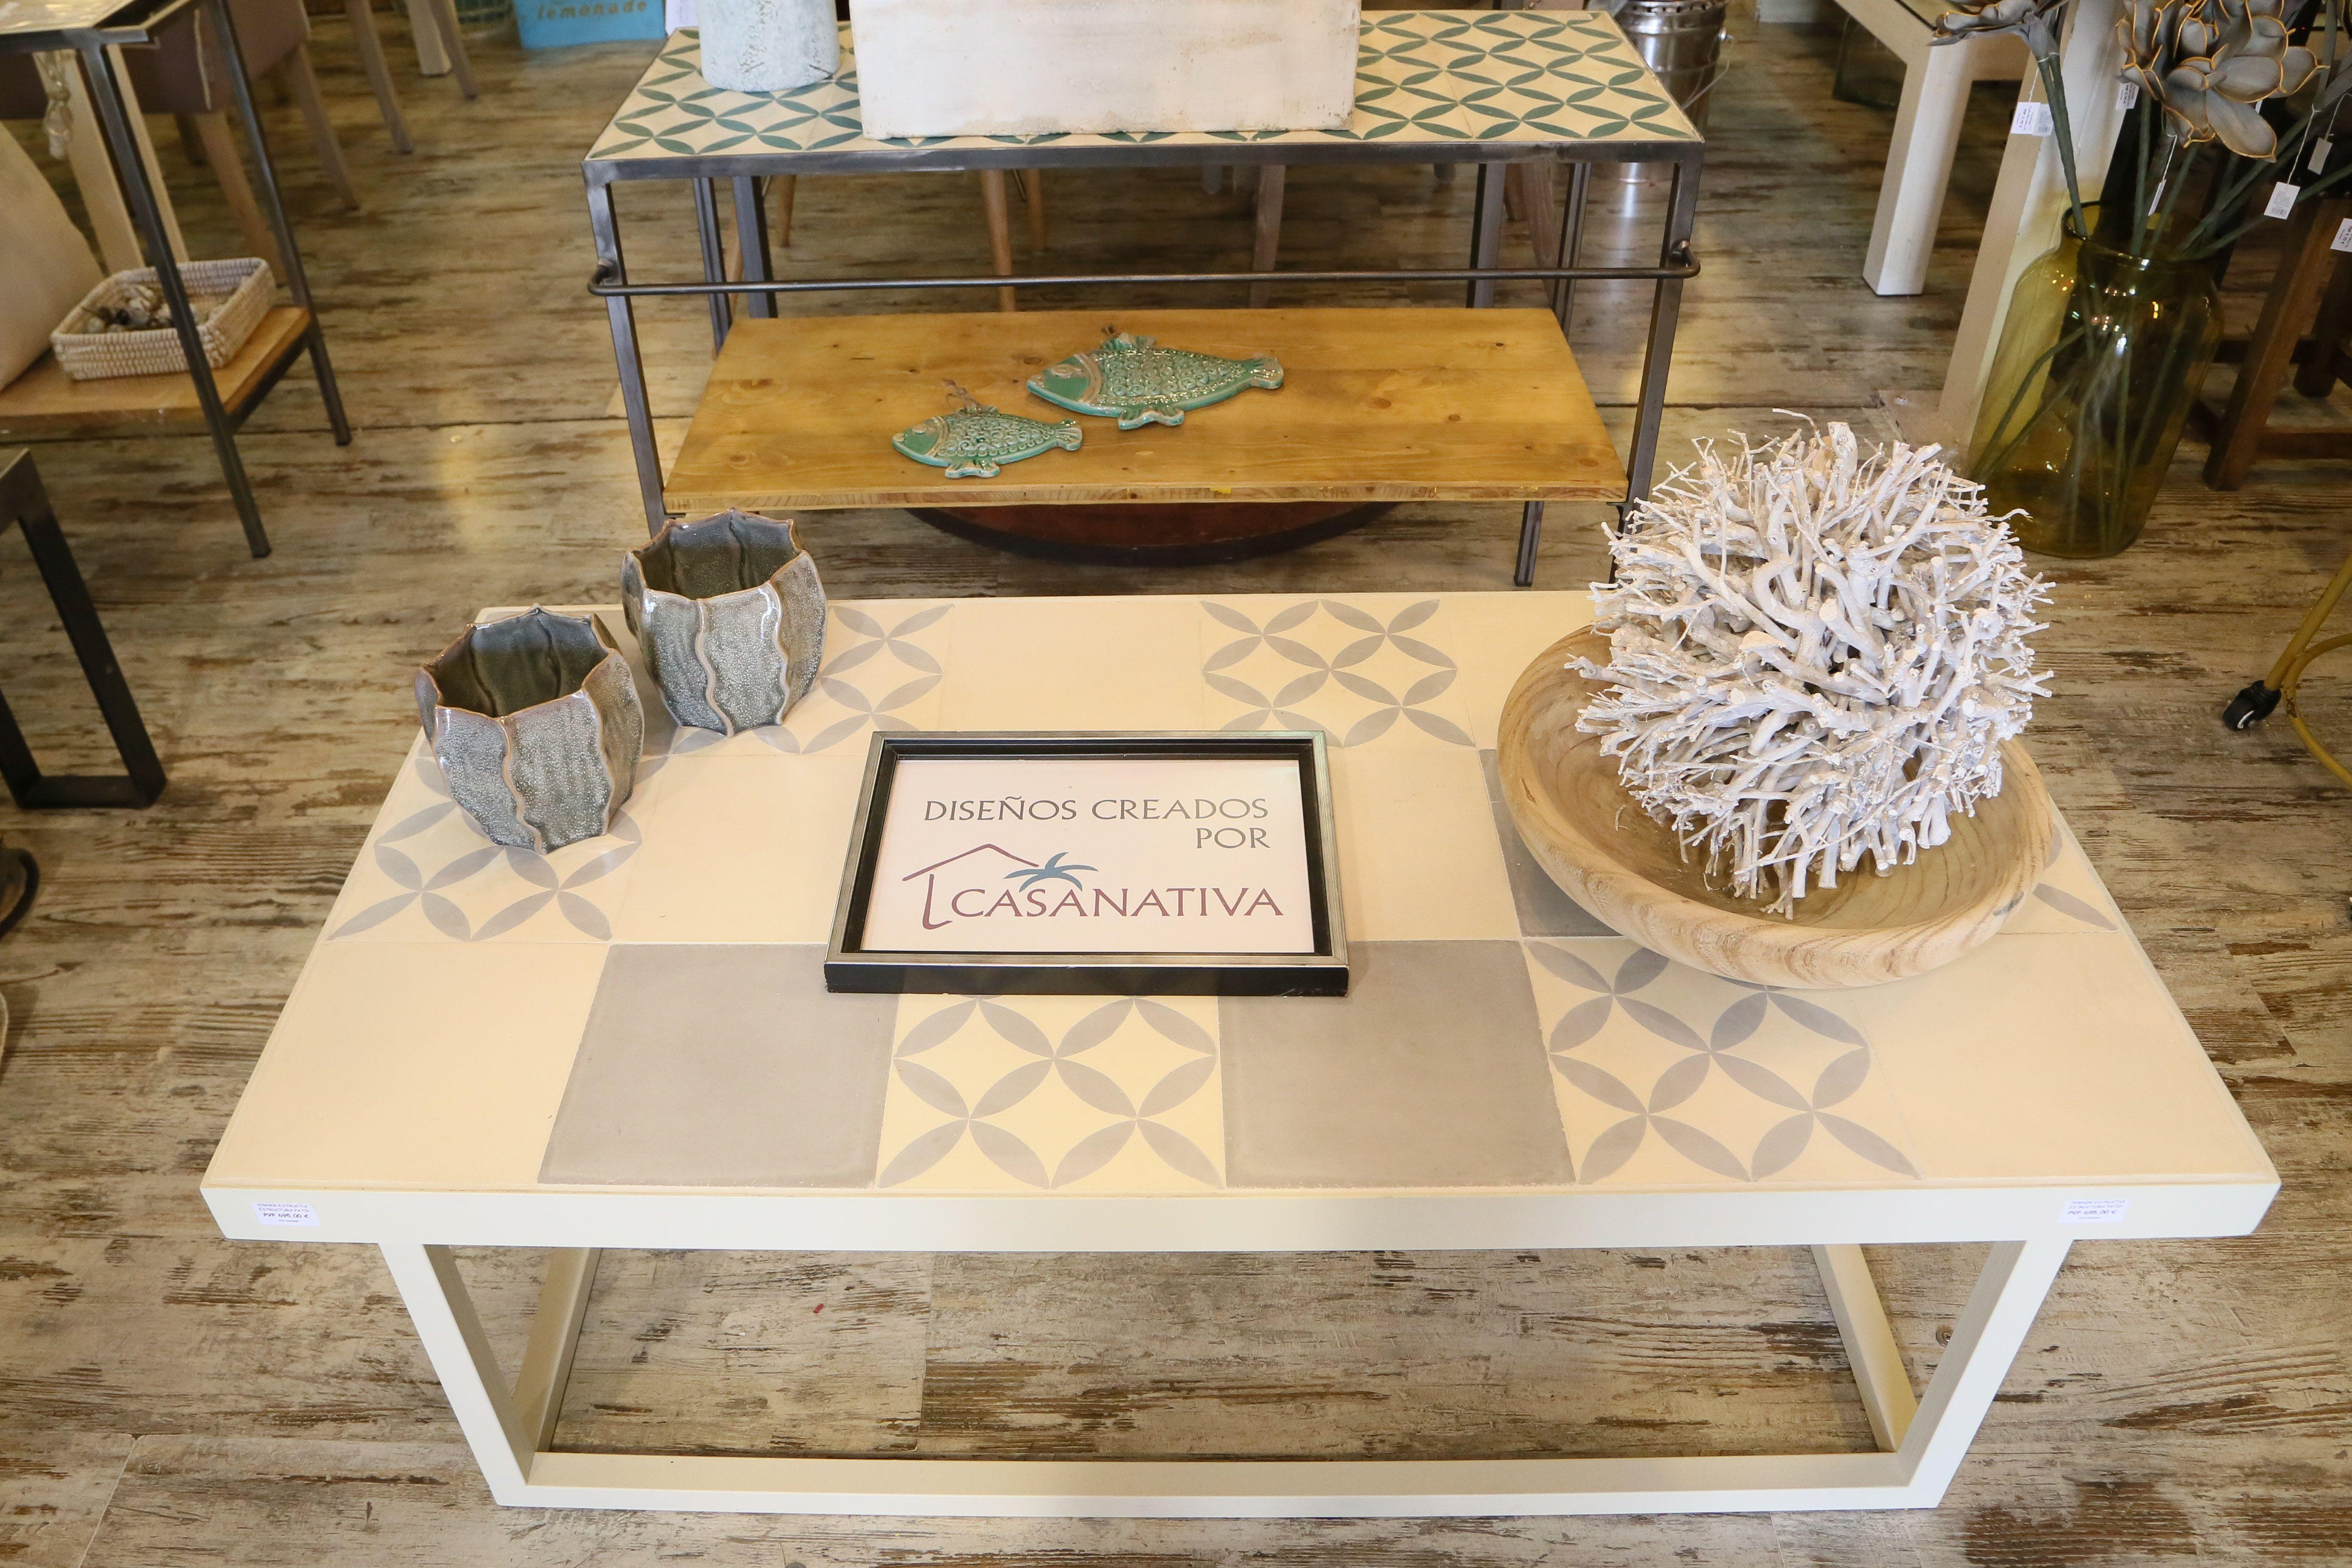 Foto 27 de muebles y decoraci n en las rozas de madrid casa nativa - Muebles las rozas ...